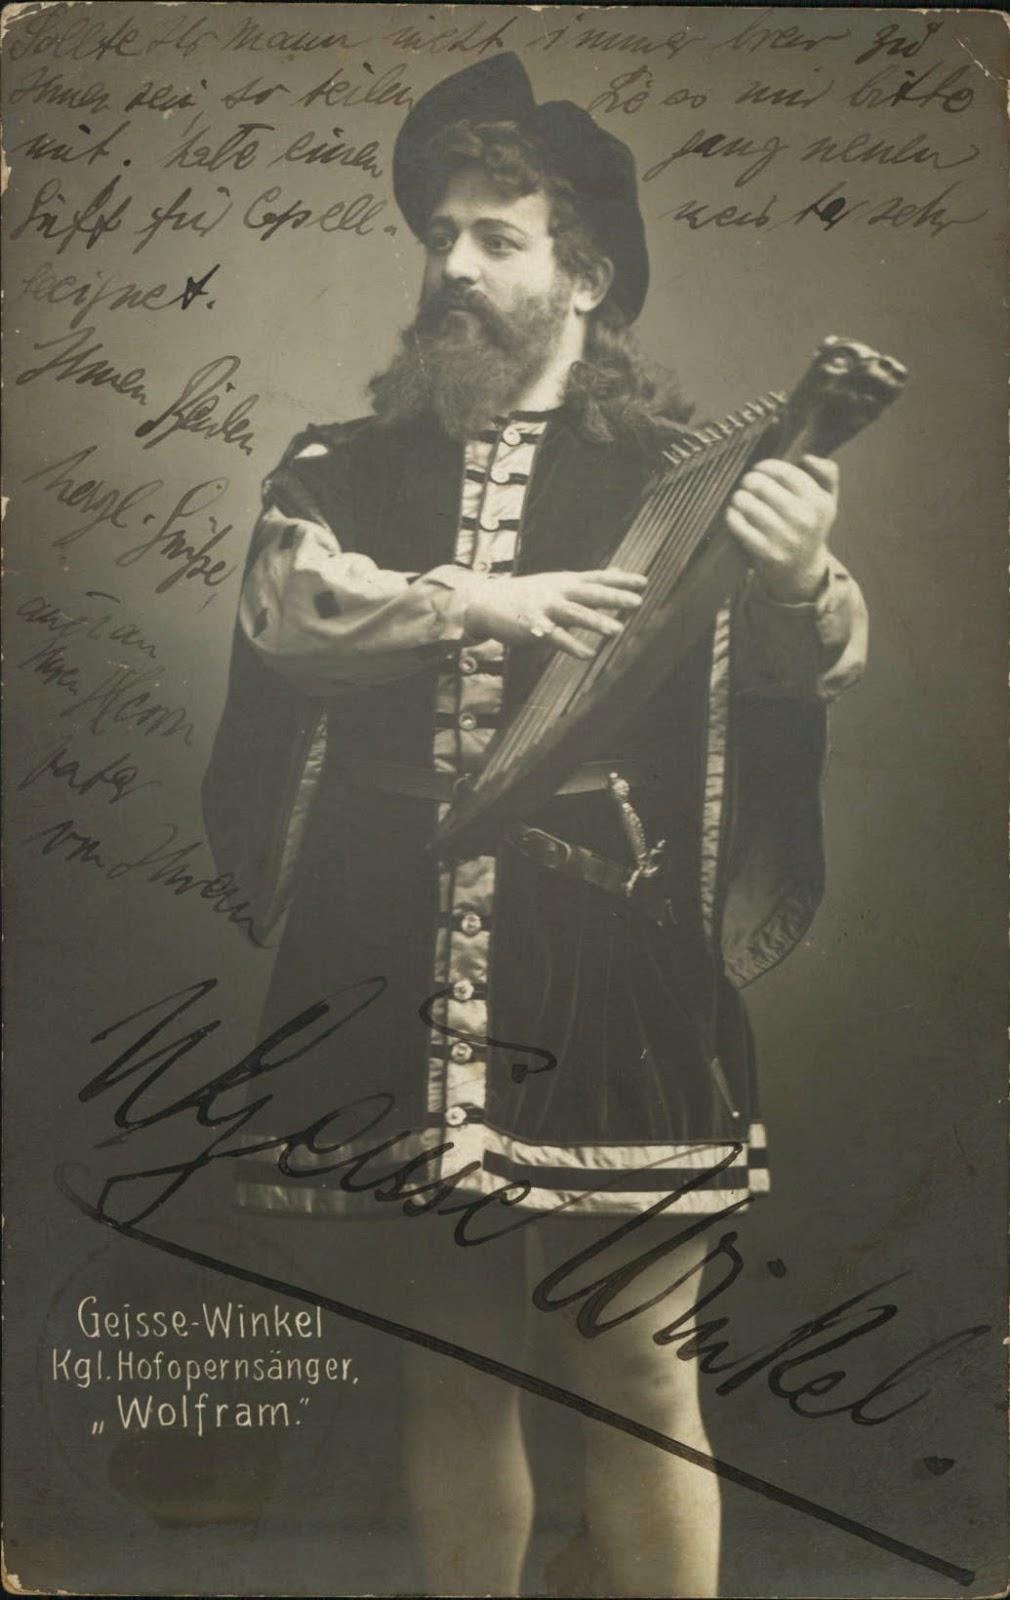 GREAT GERMAN BARITONE NICOLA GEISSE-WINKEL (1872 - 1932) CD